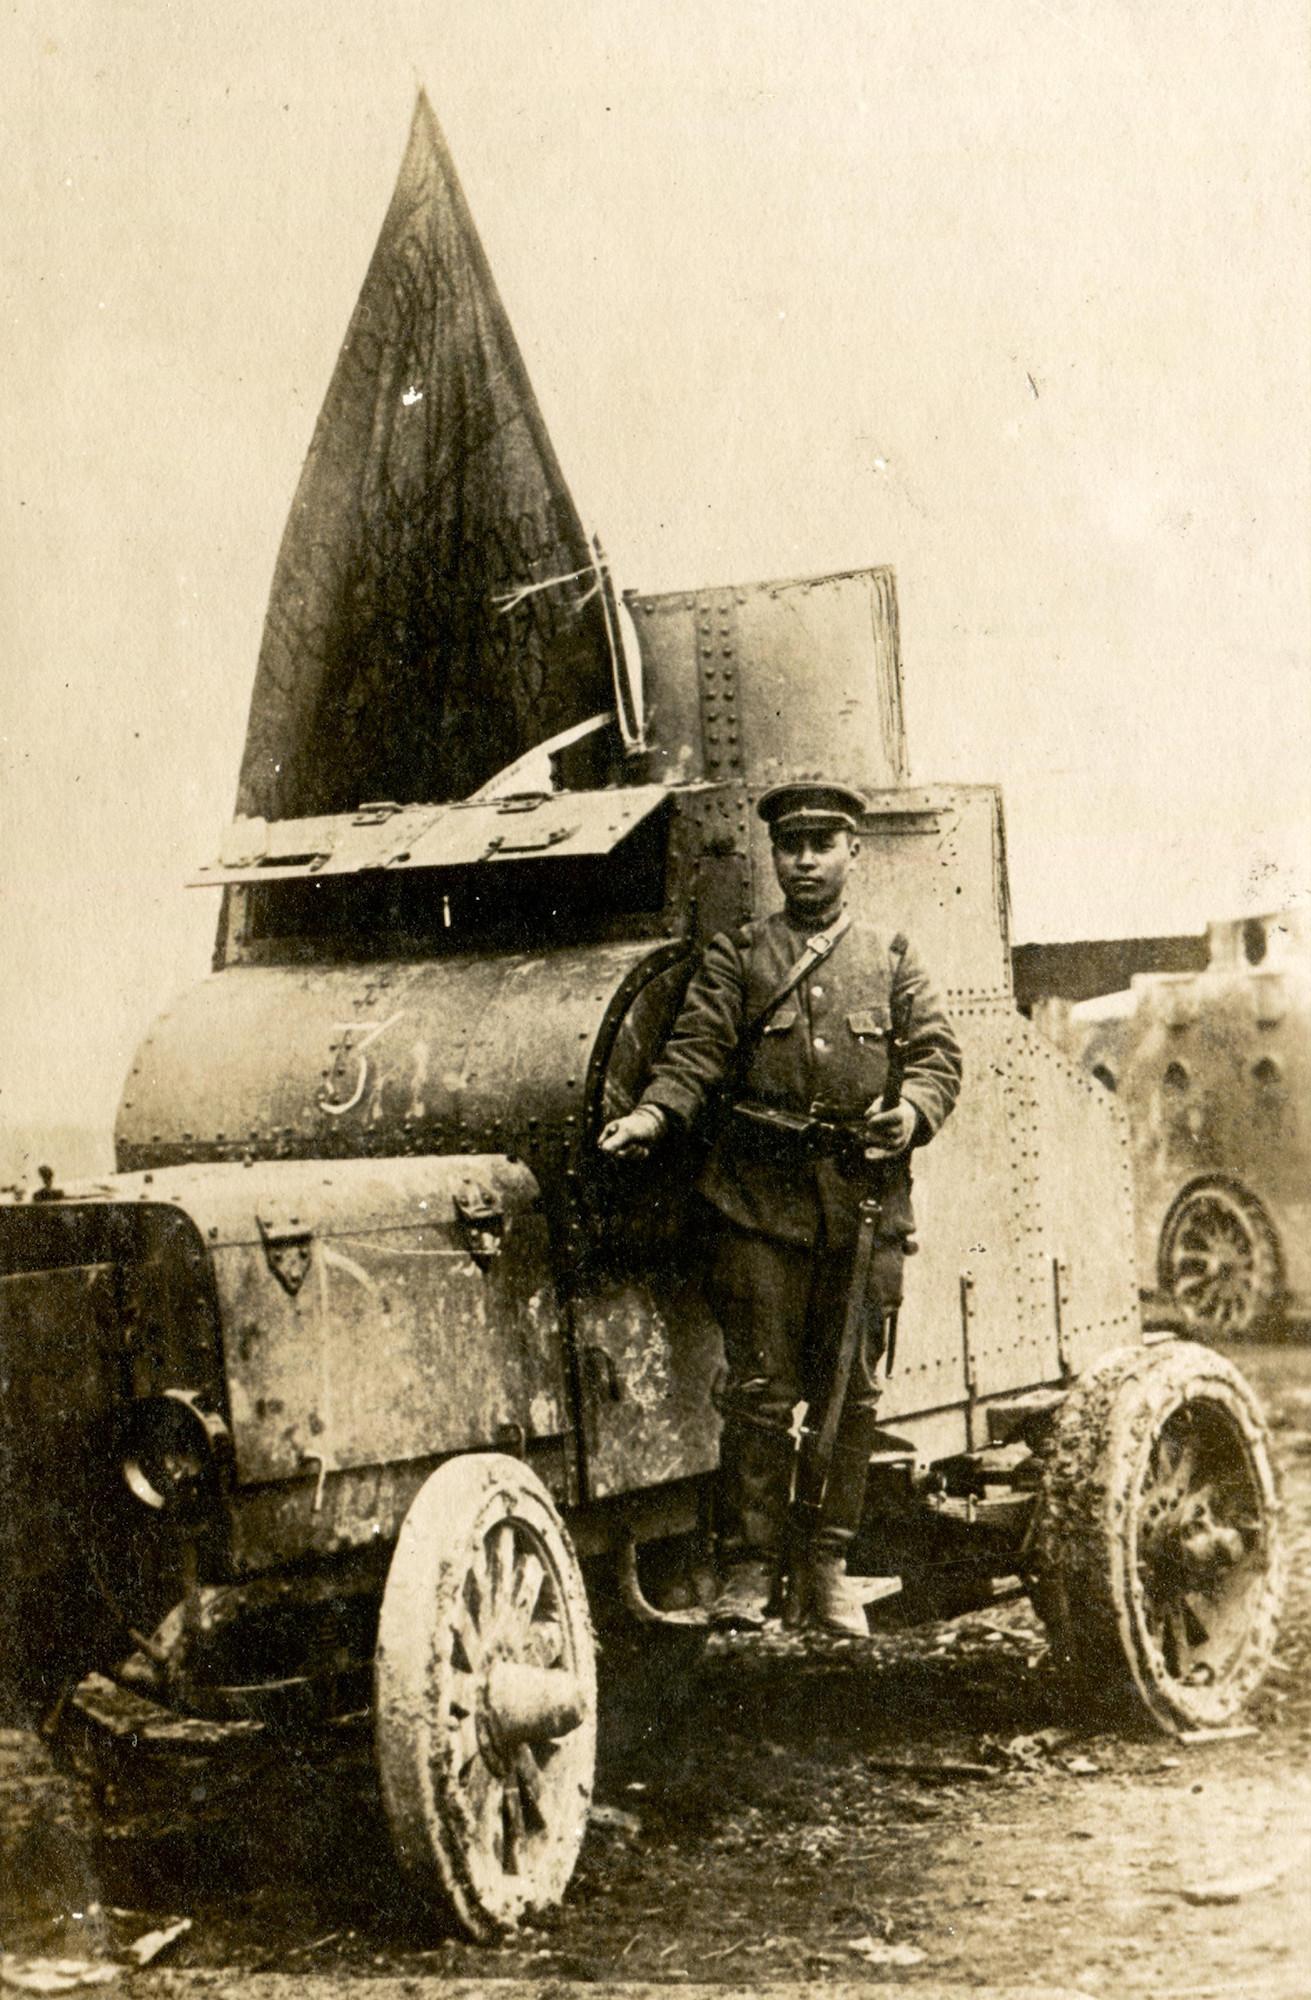 Русский бронеавтомобиль, захваченный японскими войсками в бою.    5 апреля 1920 года   © КГБНУК г. Хабаровск «ХКМ имени Н. И. Гродекова»